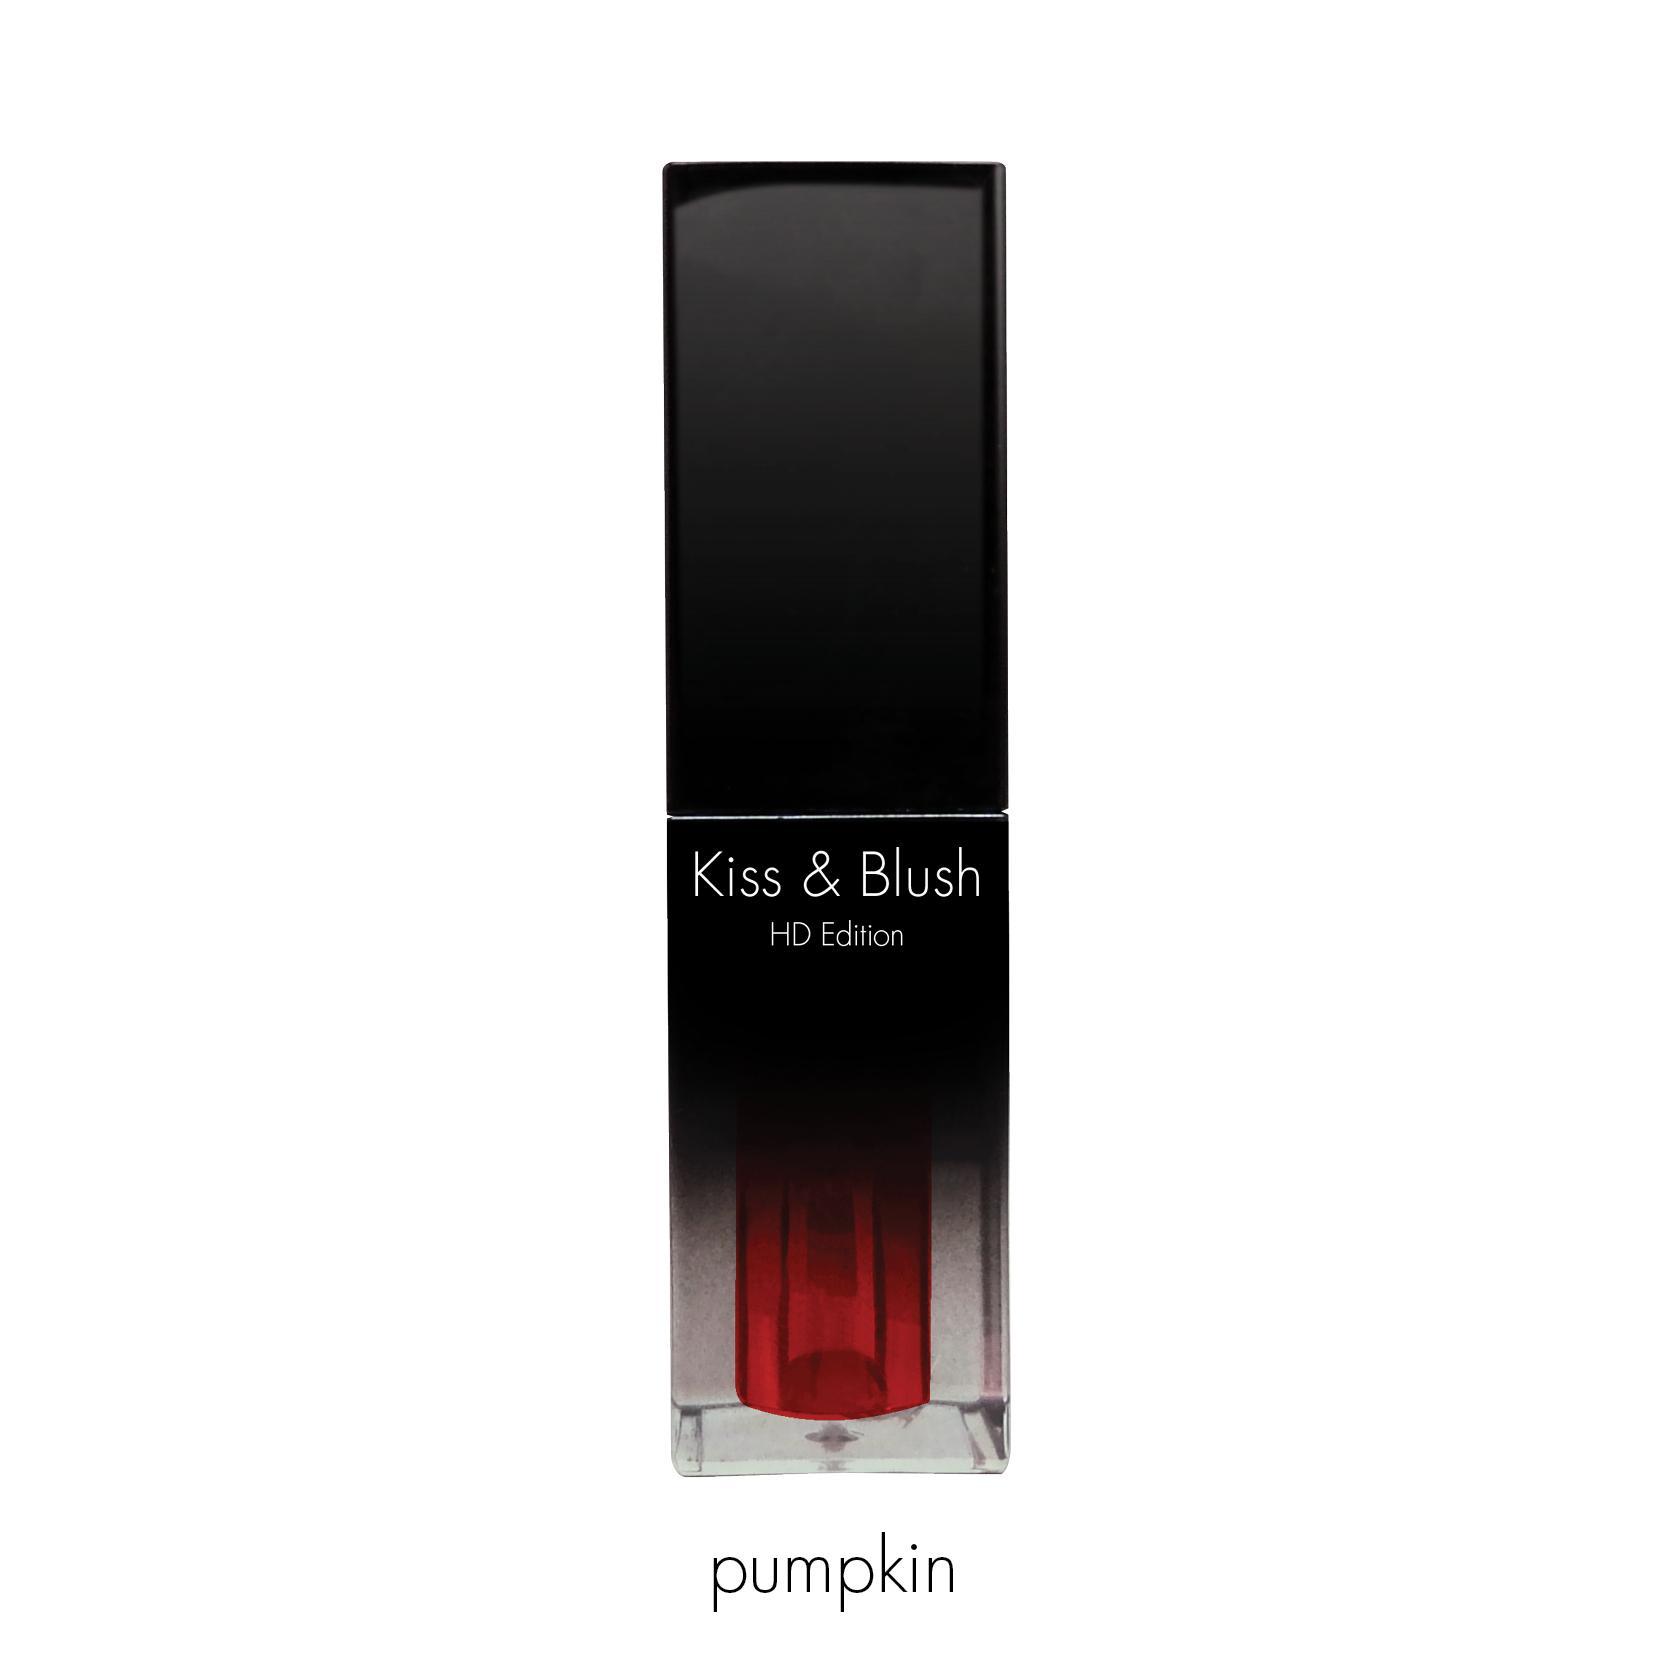 Kiss and Blush Natural Lip and Cheek tint HD edition (Pumpkin) Philippines